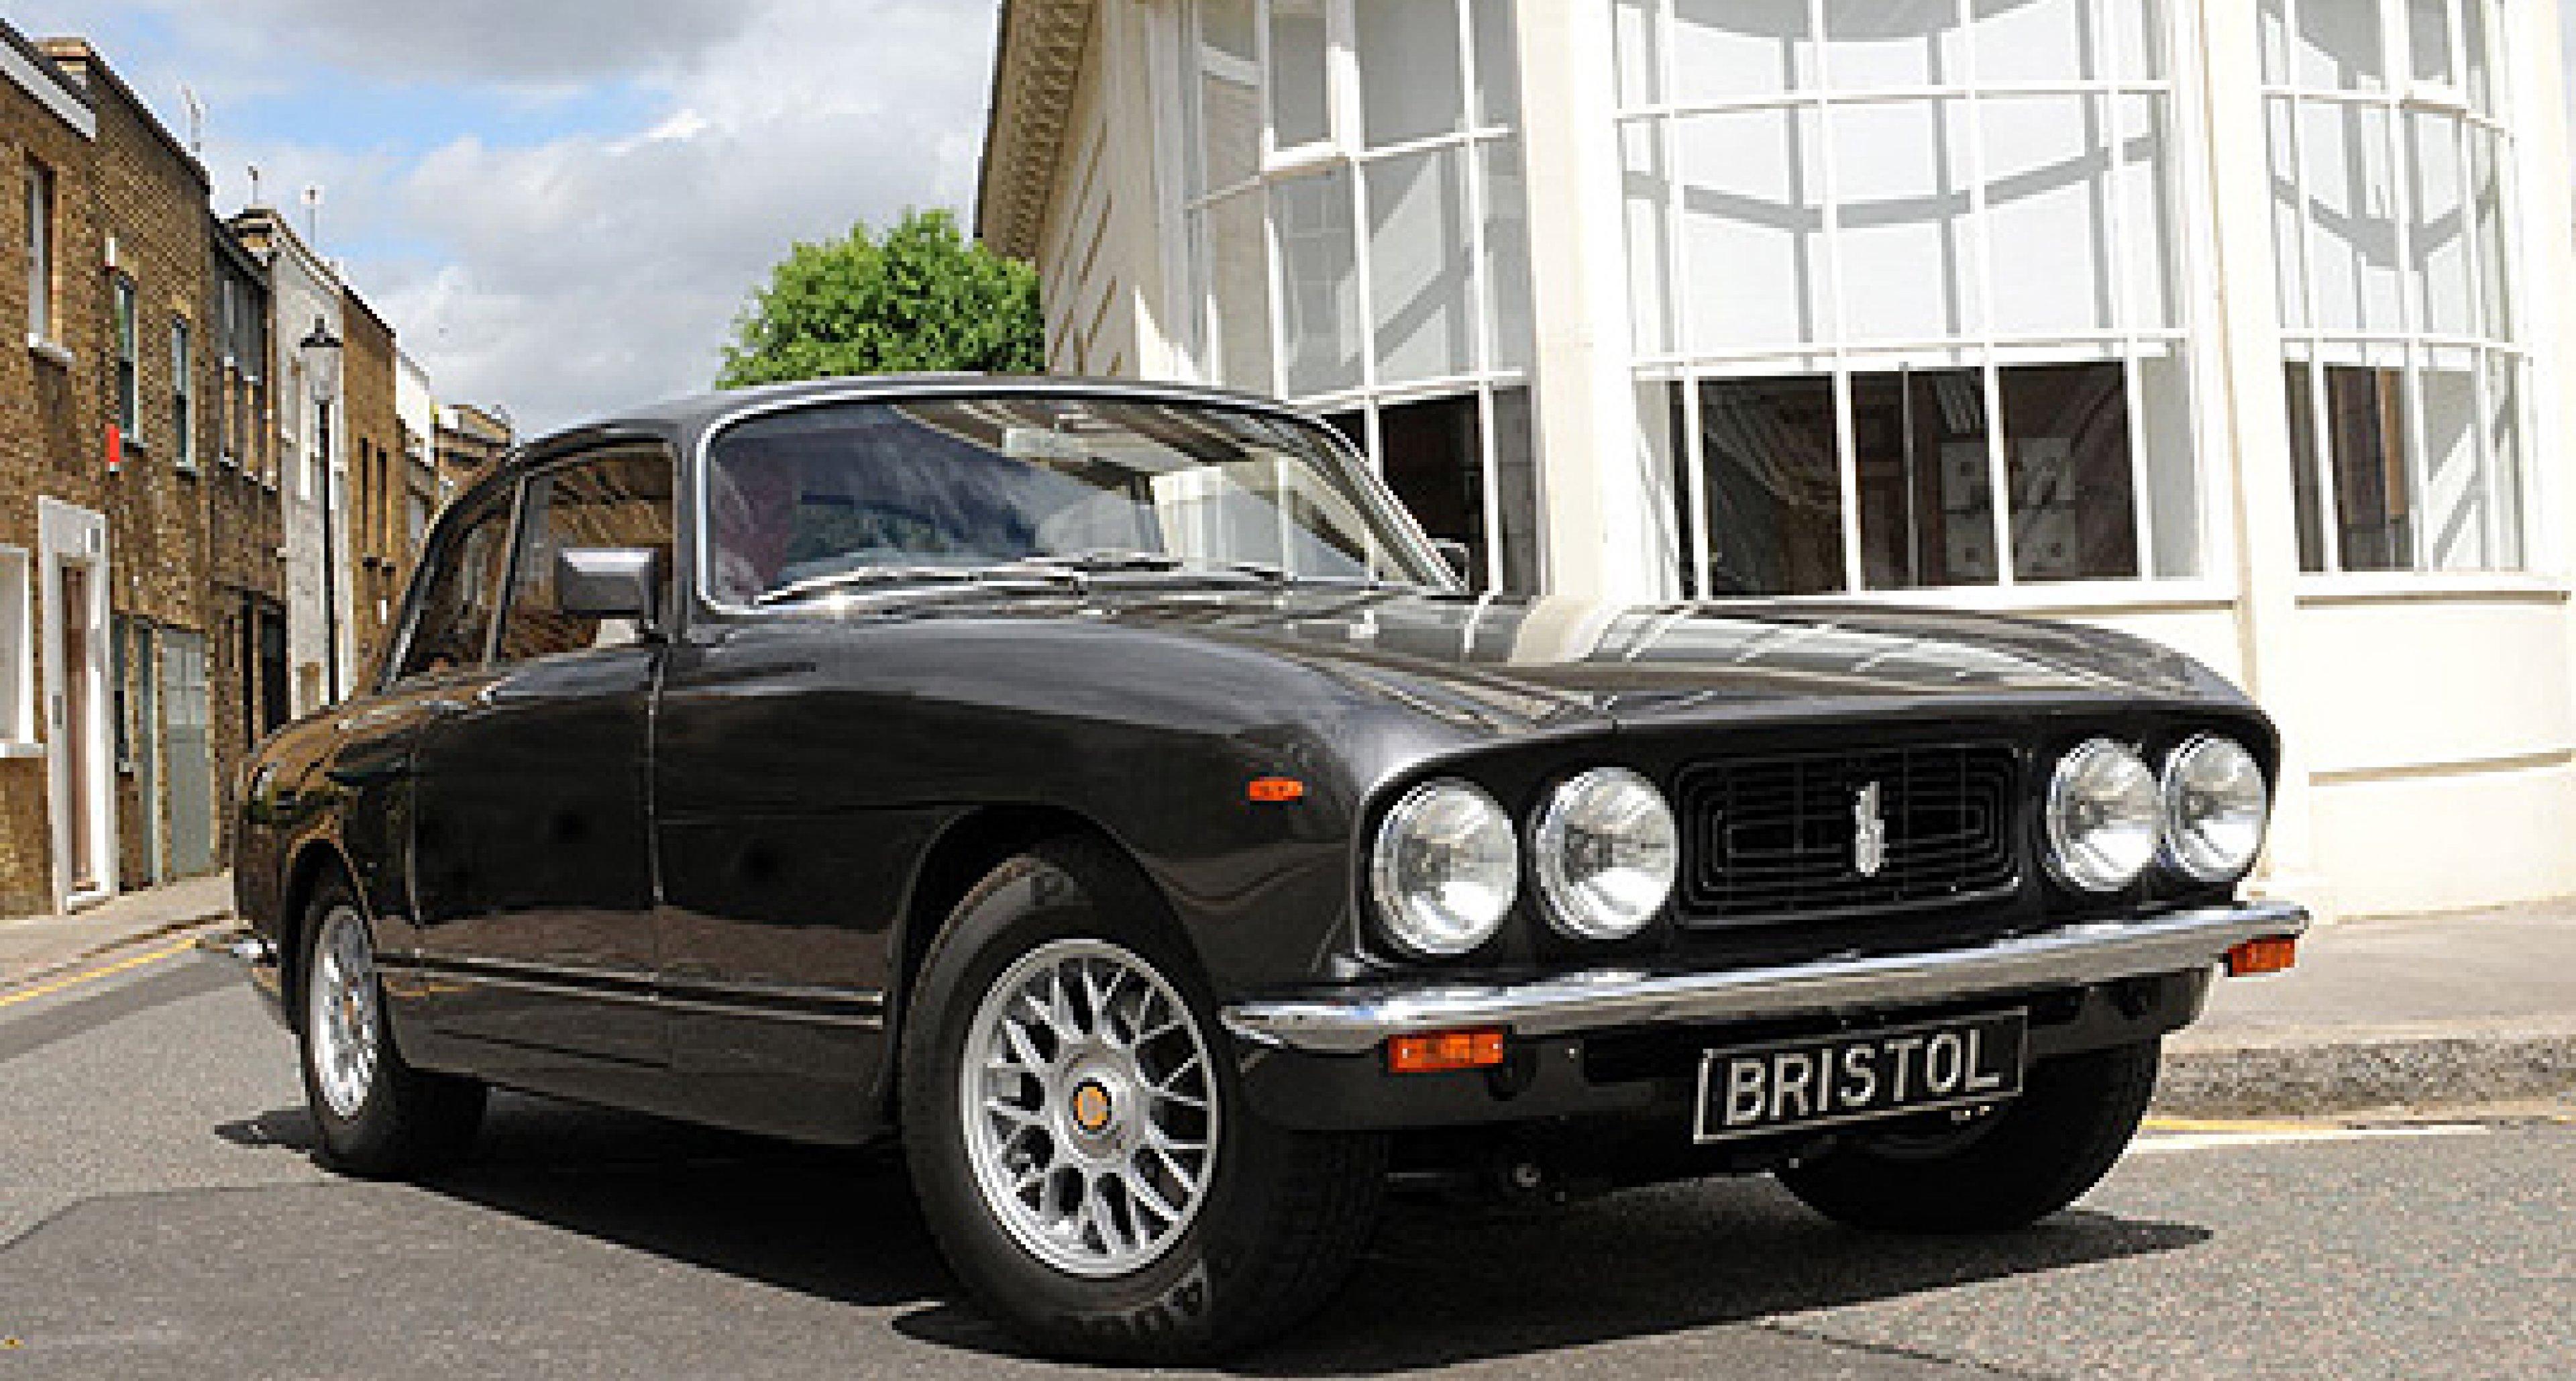 Bristol Cars geht in die Insolvenz